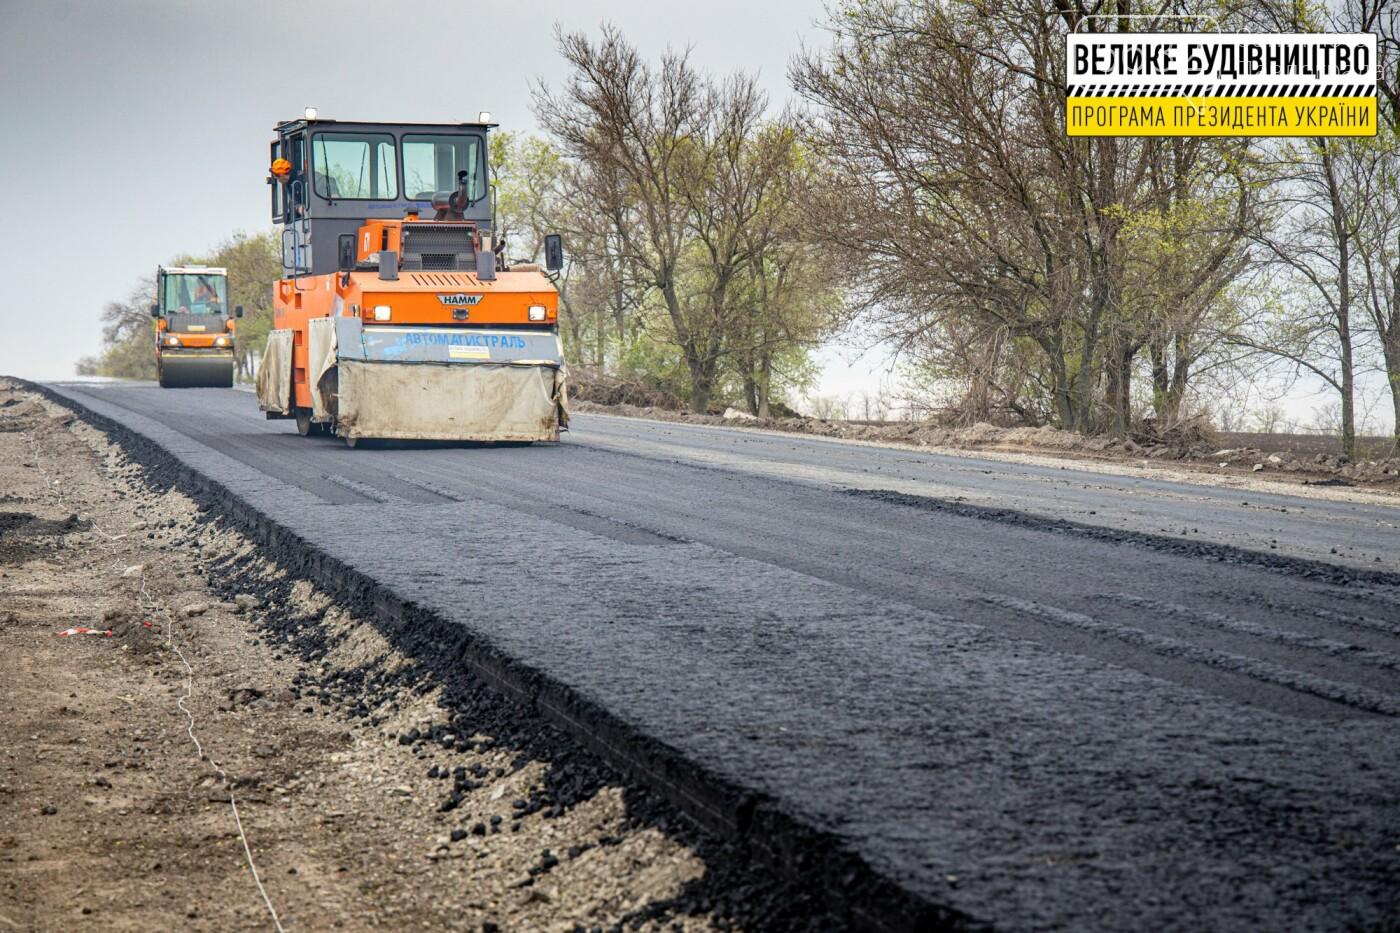 Работают и днем, и ночью: на Днепропетровщине ремонтируют трассу Знаменка-Луганск-Изварино (ФОТО), фото-9